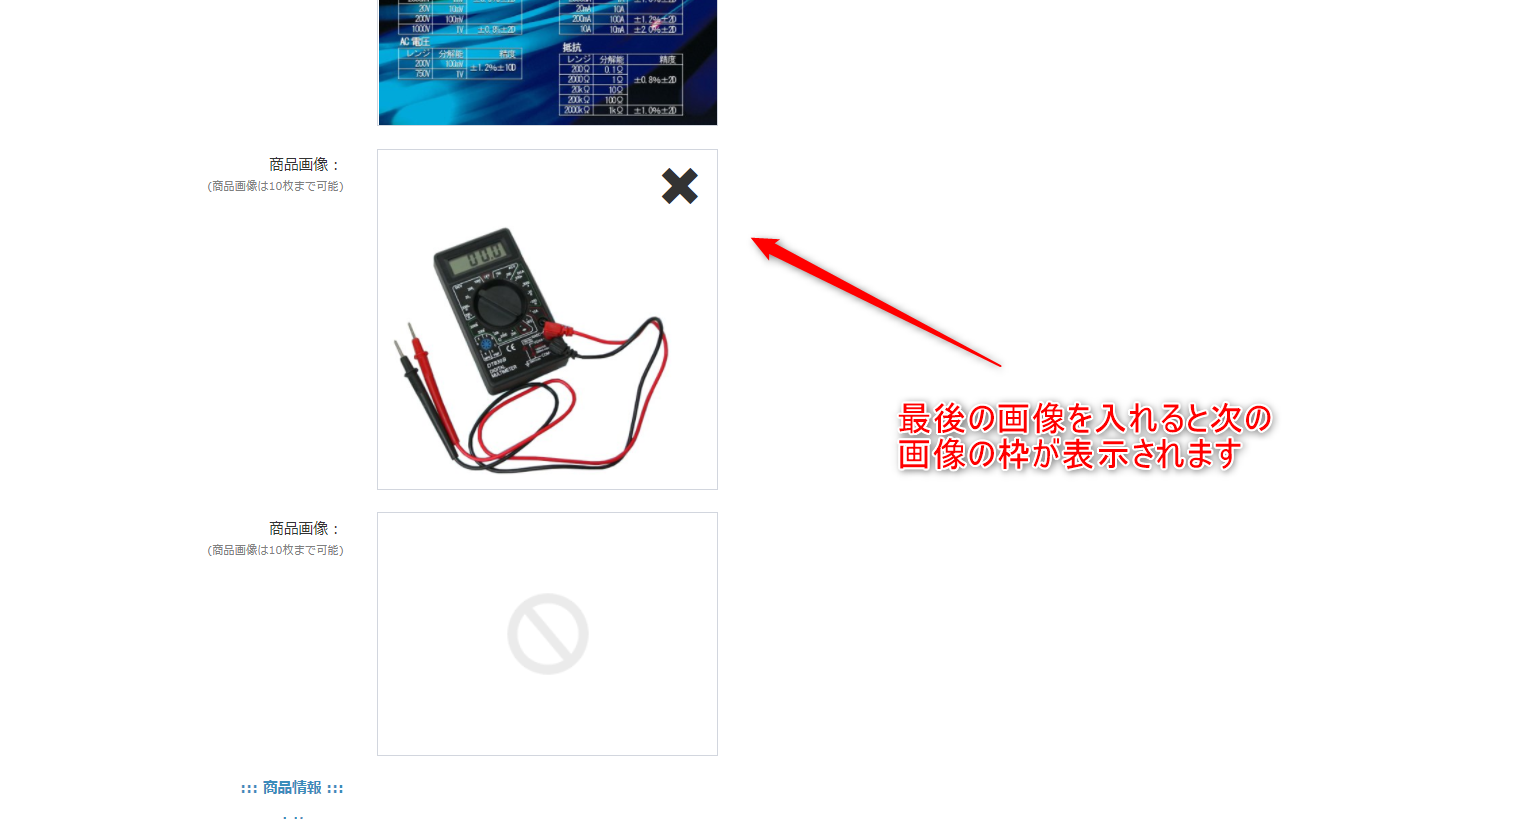 2018 02 15 18h11 46 【TOOL】ECAUOT更新情報 ヤフオク終了分・出品中の表示速度アップ 画像10枚が入るようになりました。